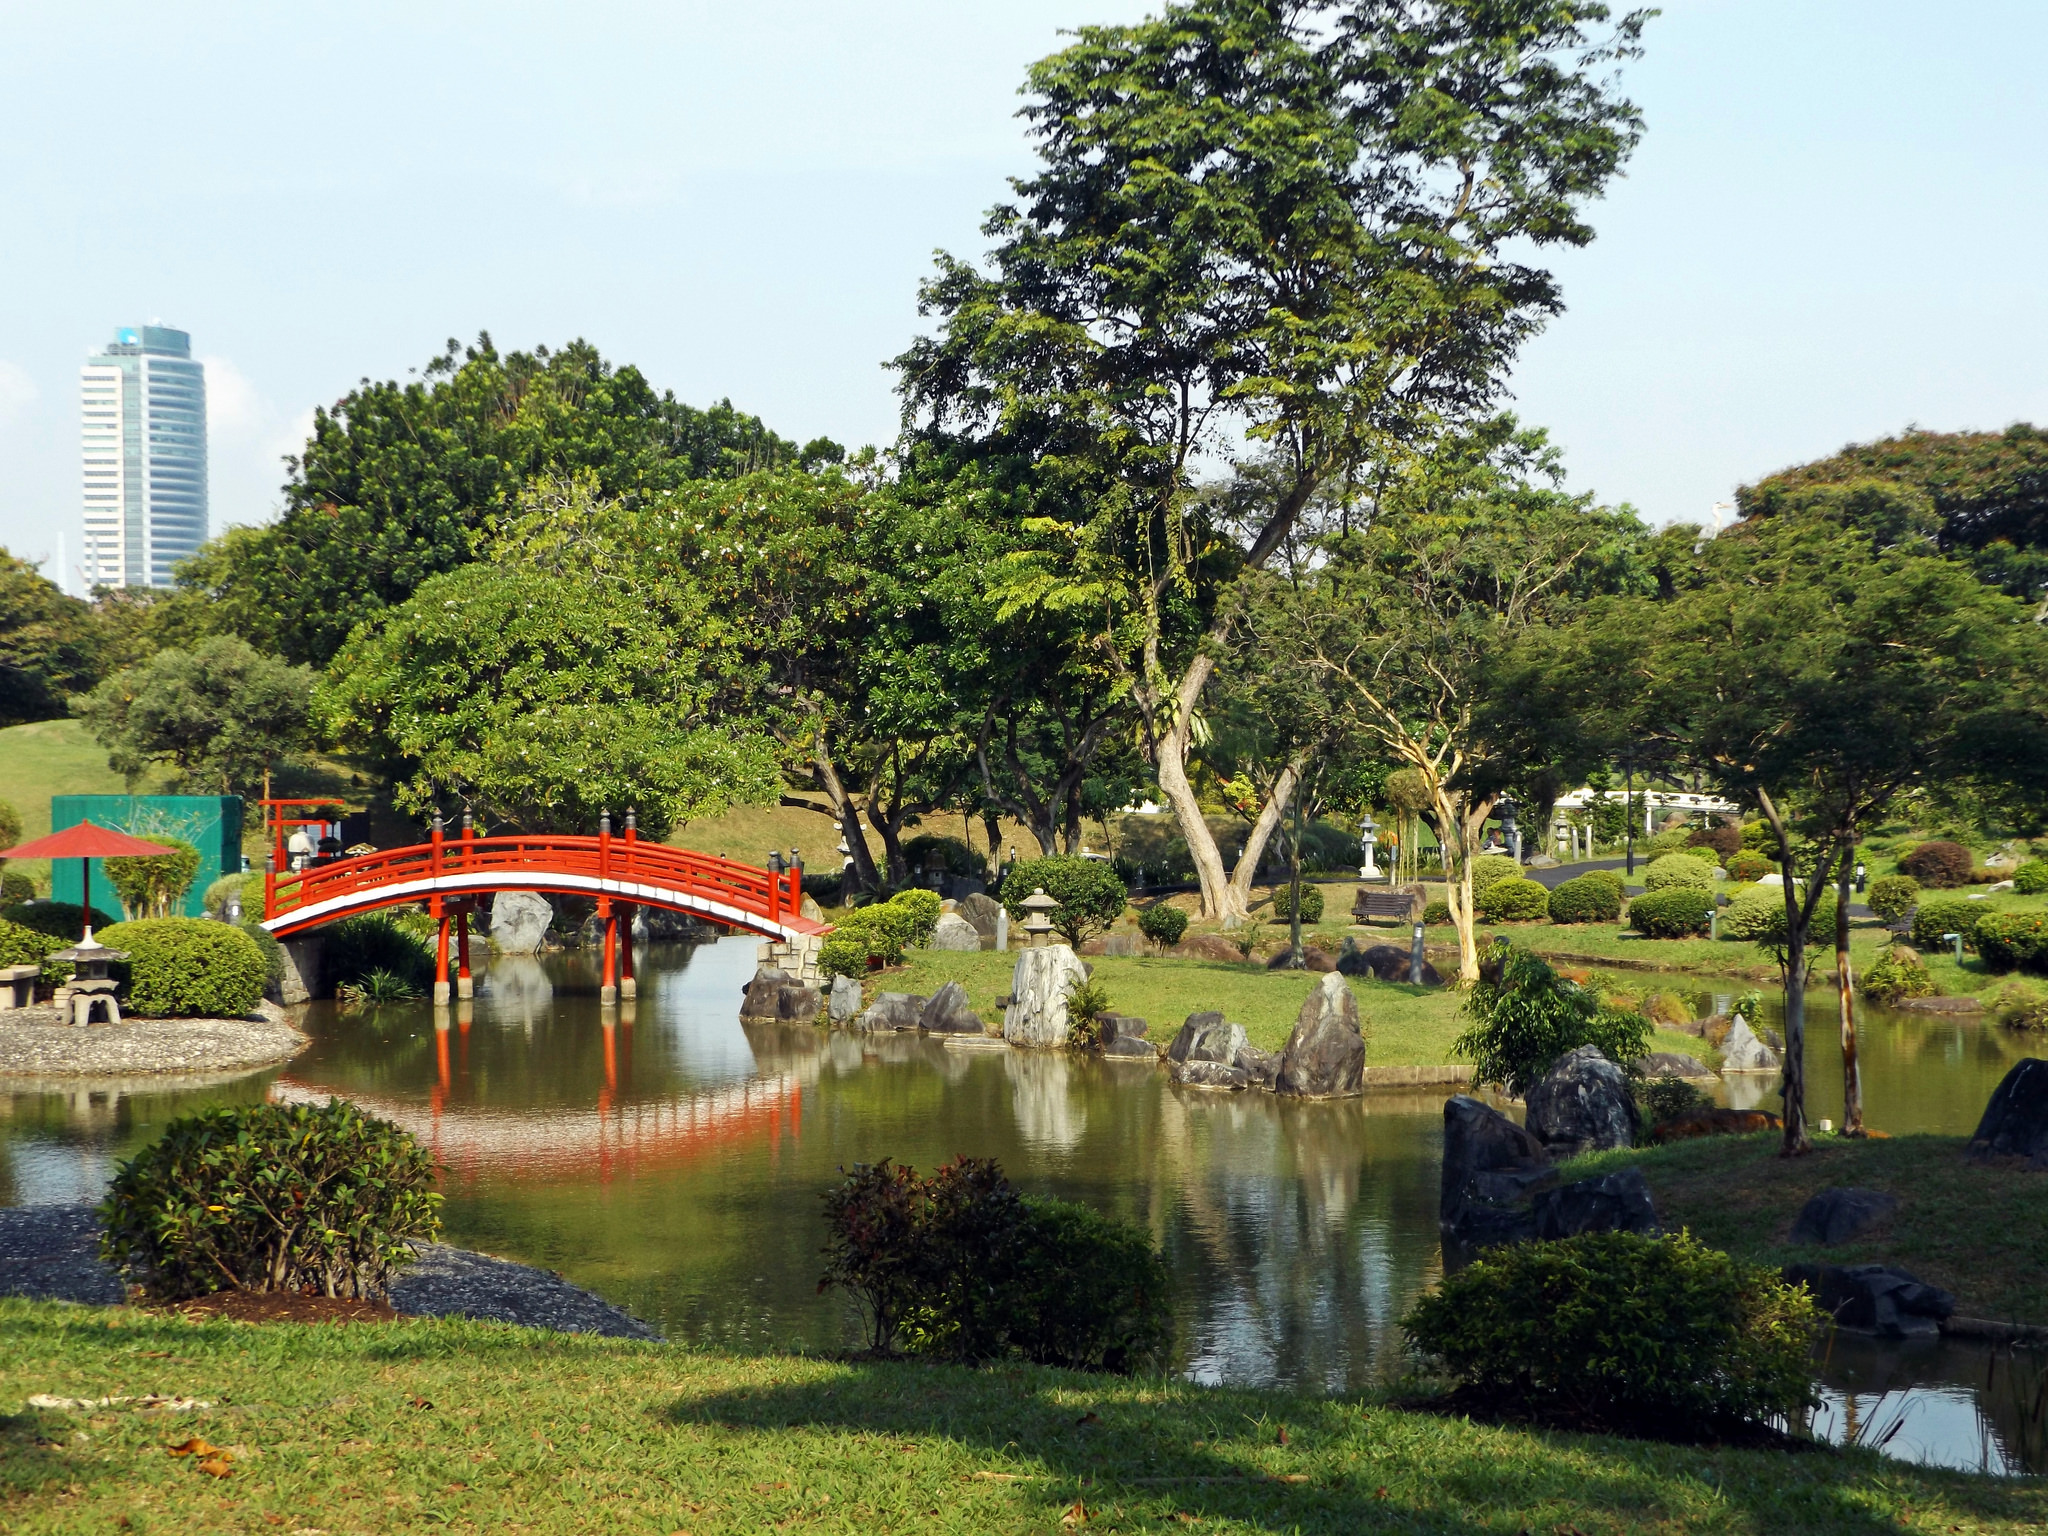 Garden in SIngapore